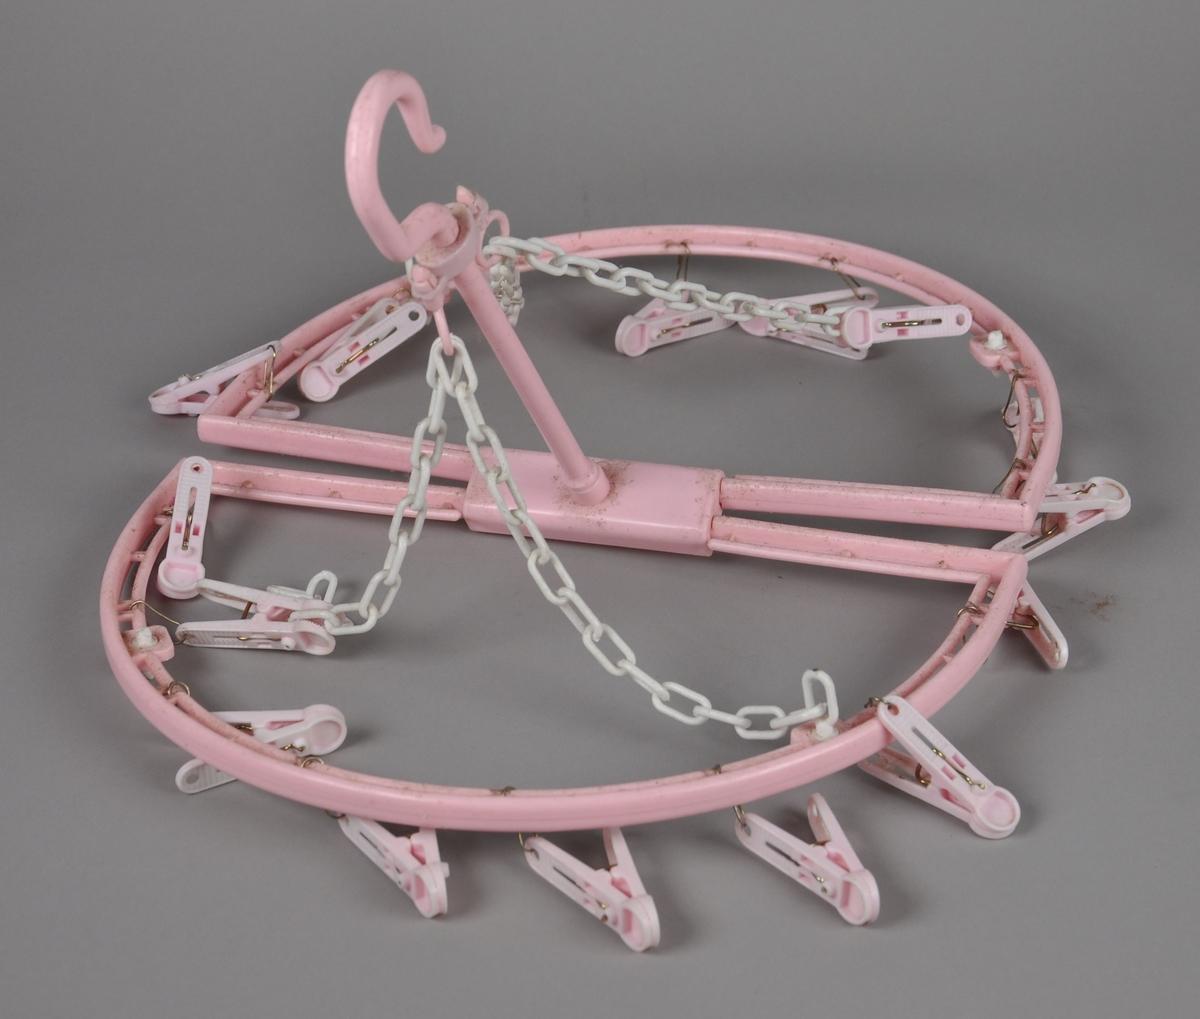 Utbrettbar kleshenger til småvask. Er laget av rosa og hvit plast, og har en oval form når den er brettet ut. Har en krok på midten for oppheng.